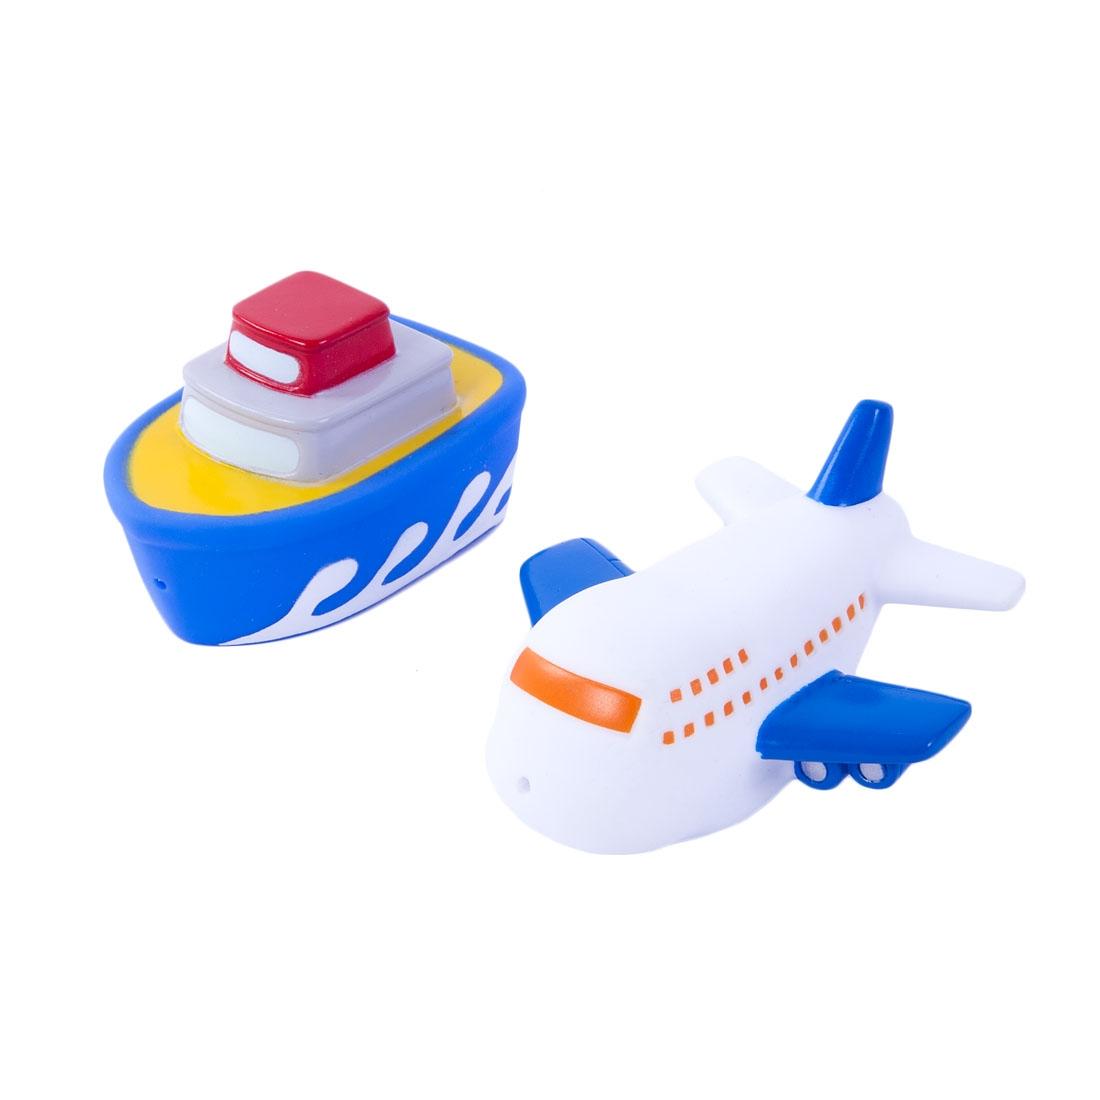 Игрушки для ванны Жирафики Набор для купания Жирафики «Самолёт и пароход» игрушки для ванны жирафики набор для купания черепашка и пингвин